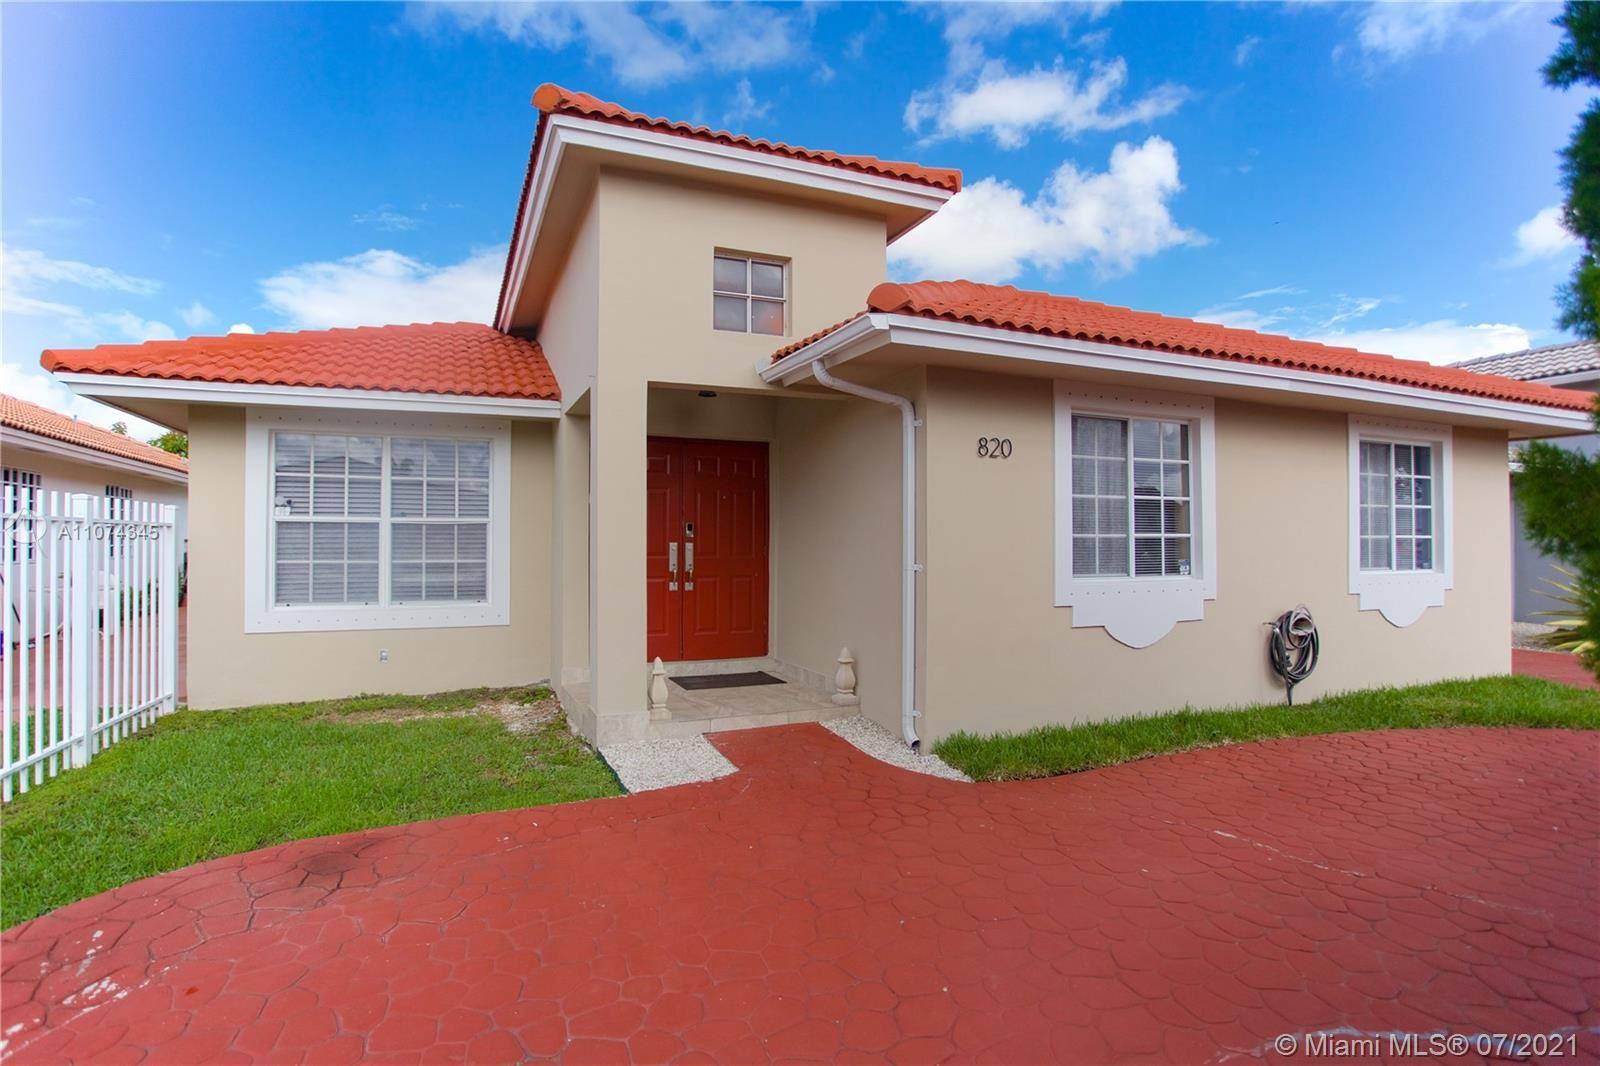 820 NW 135th Ct, Miami, FL 33182 - #: A11074345